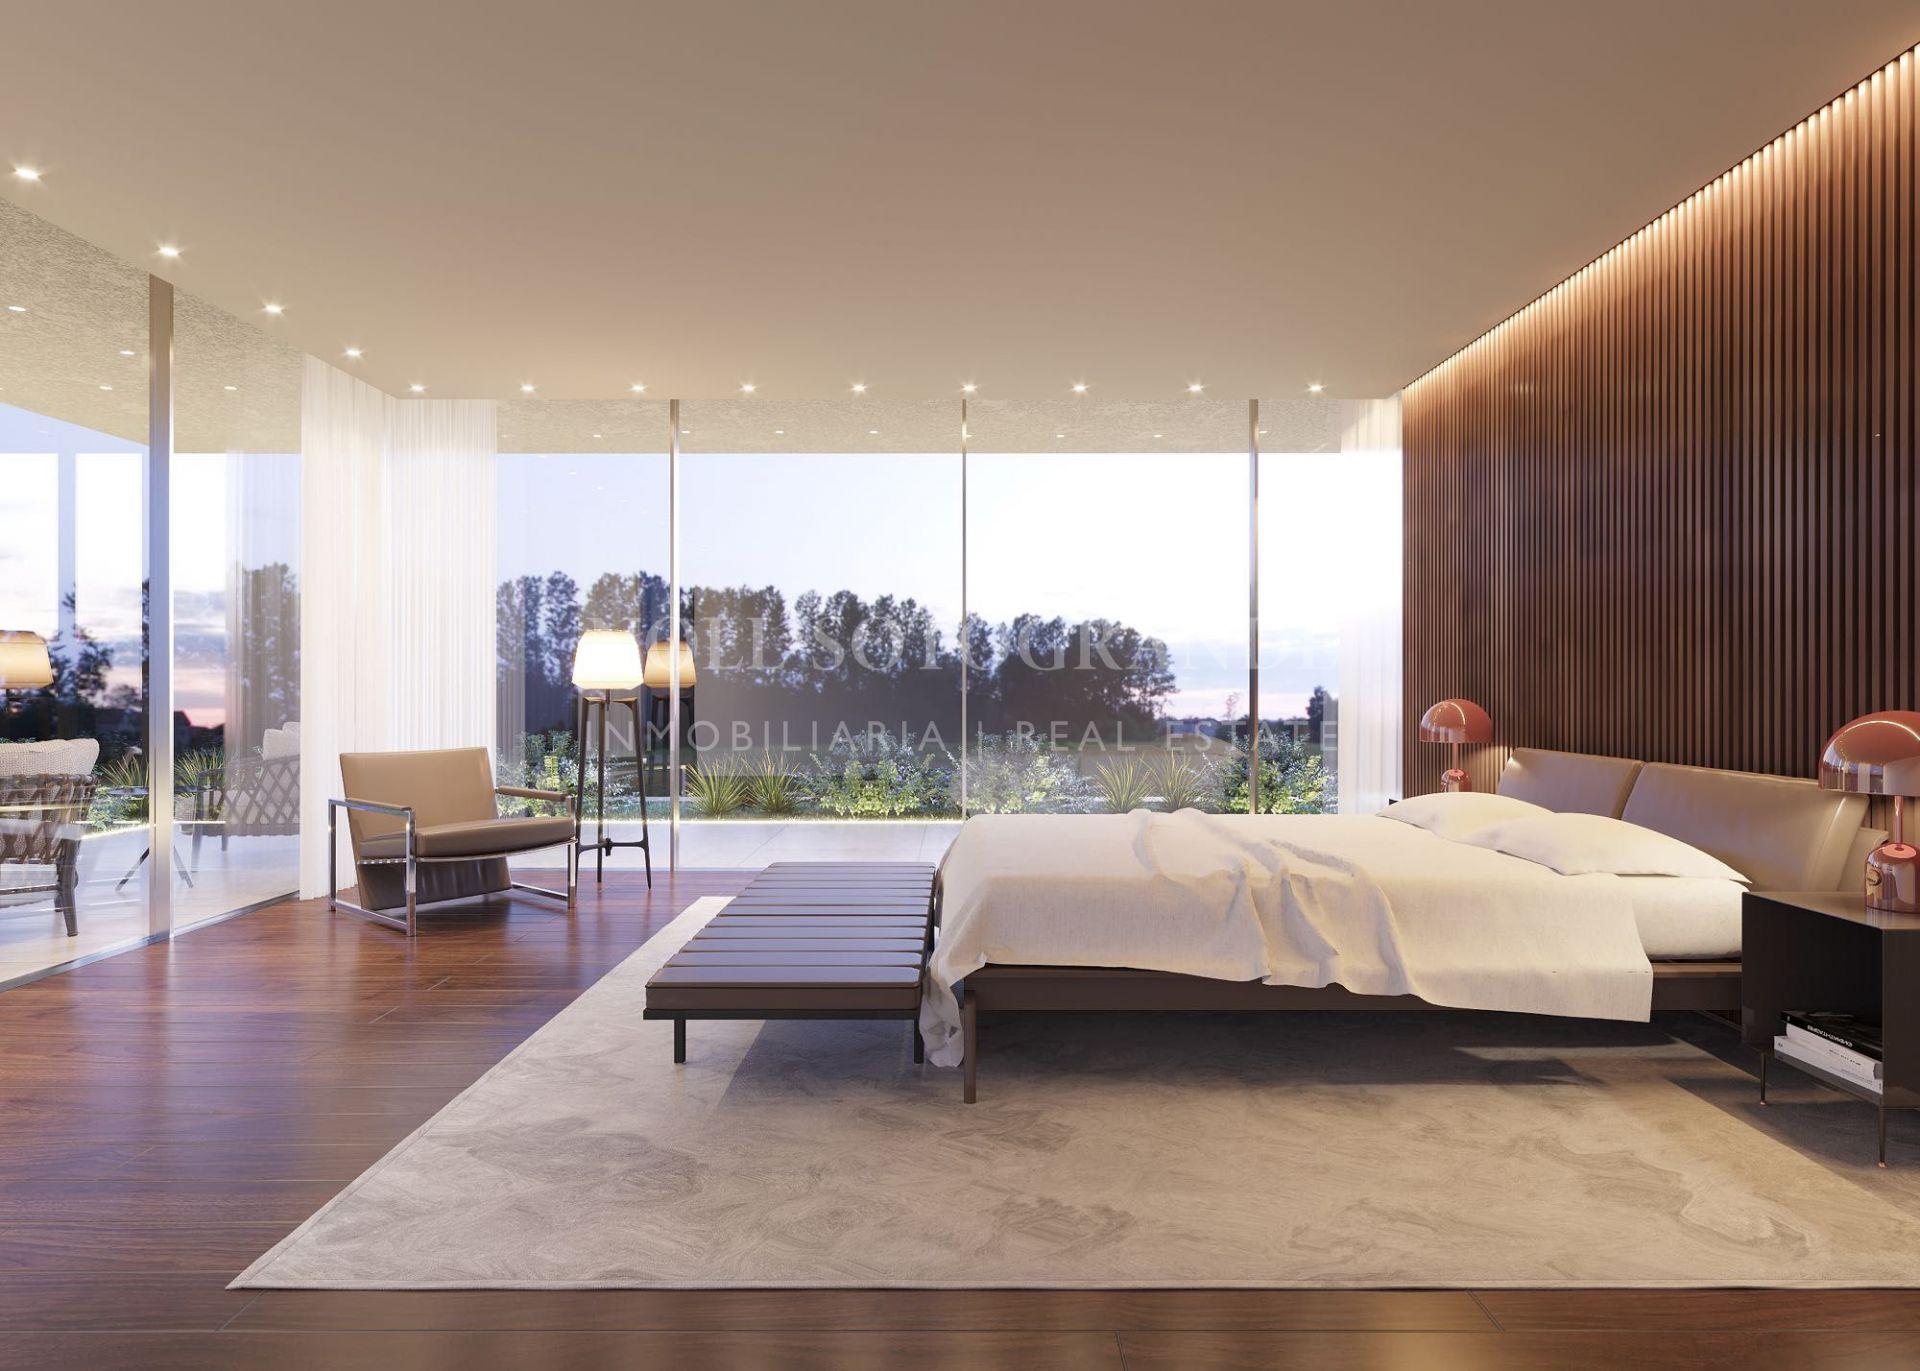 Luxury Gardens - Contemporary Villa Sotogrande Los Altos de Valderrama